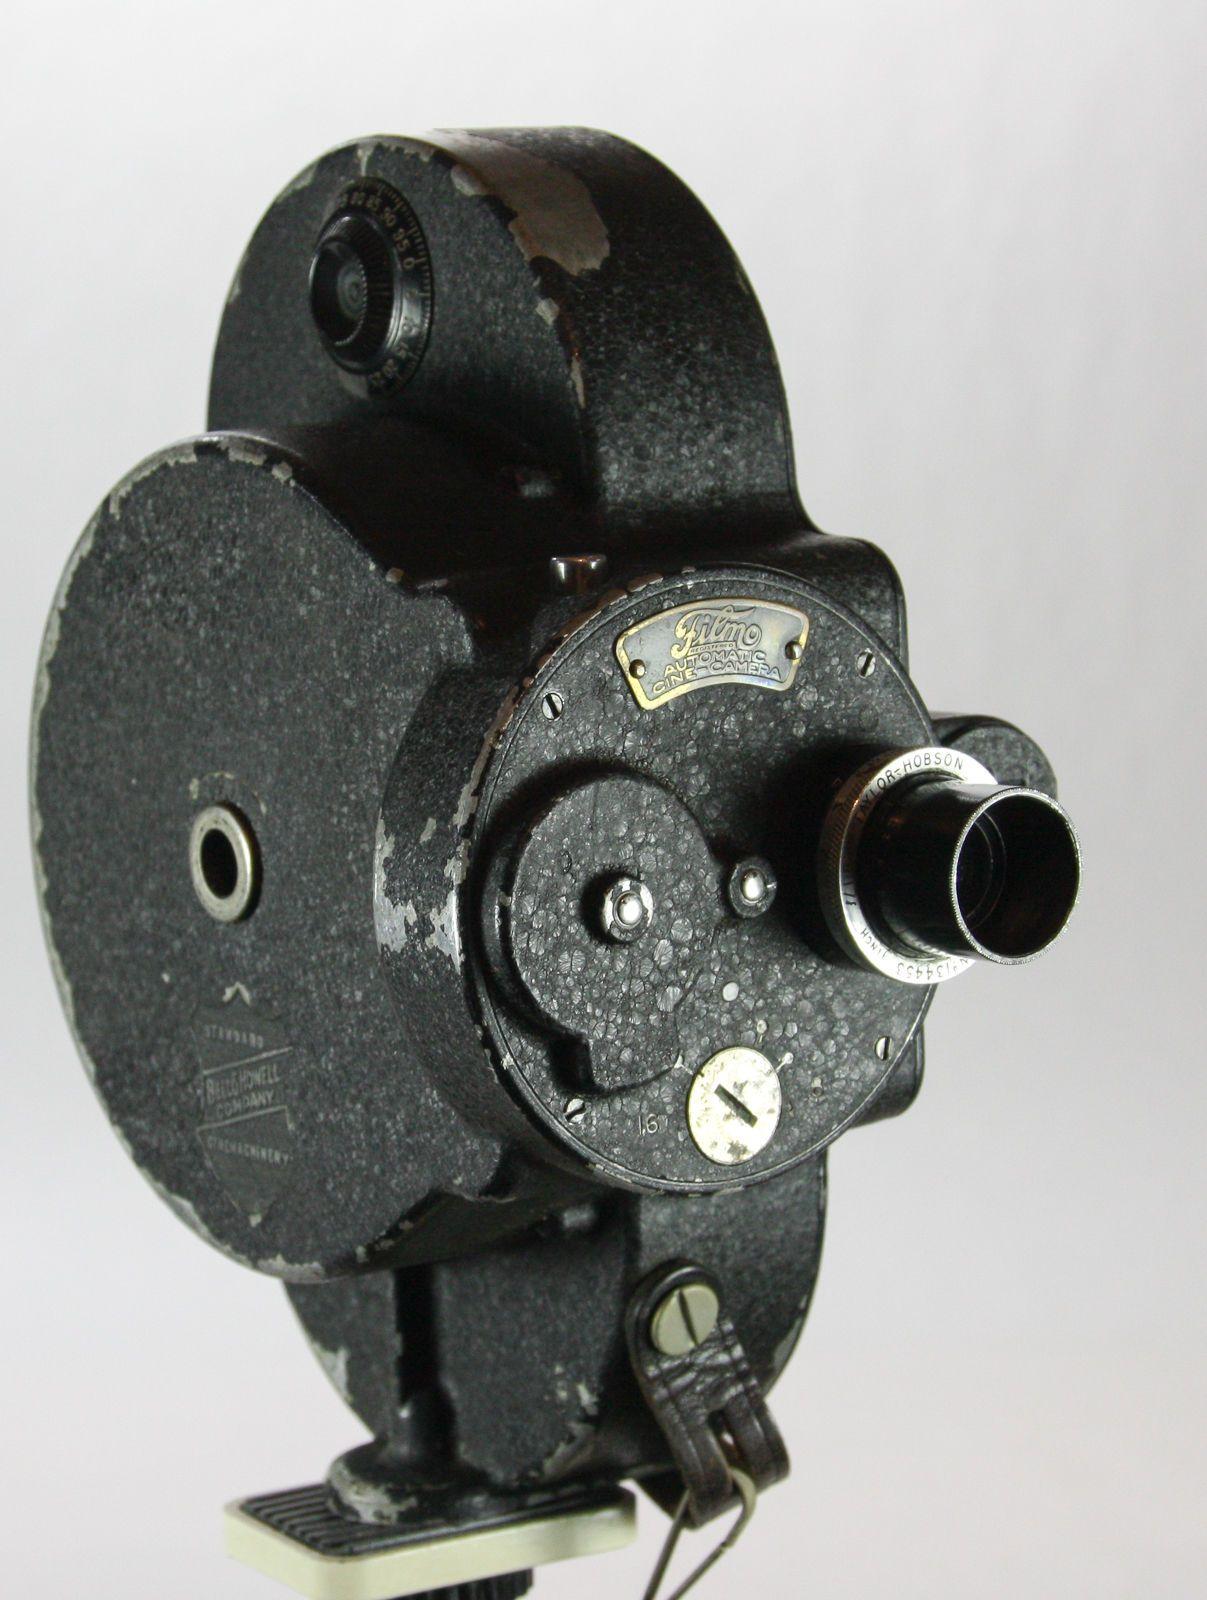 Bell Howell 16mm Filmo movie camera, Taylor Hobson f1 8 lens